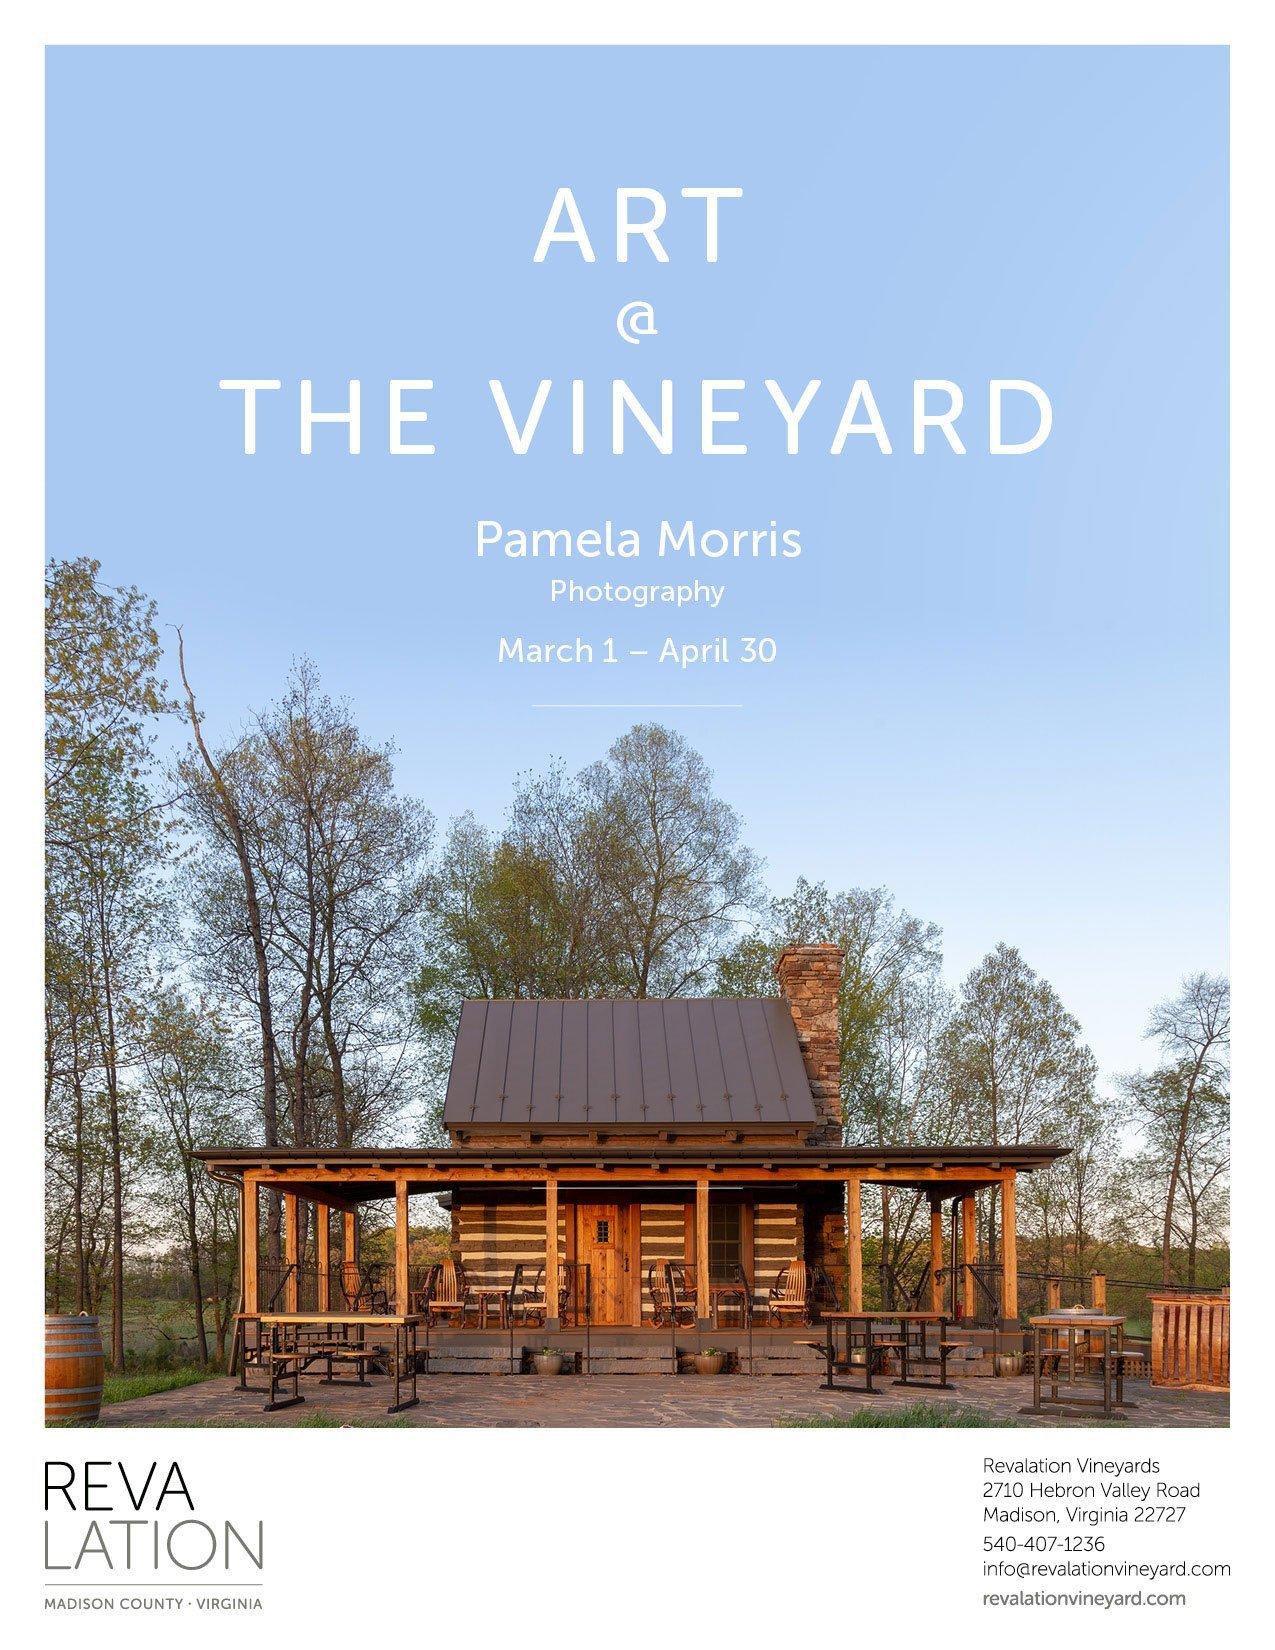 Art at Vineyard: Pamela Morris